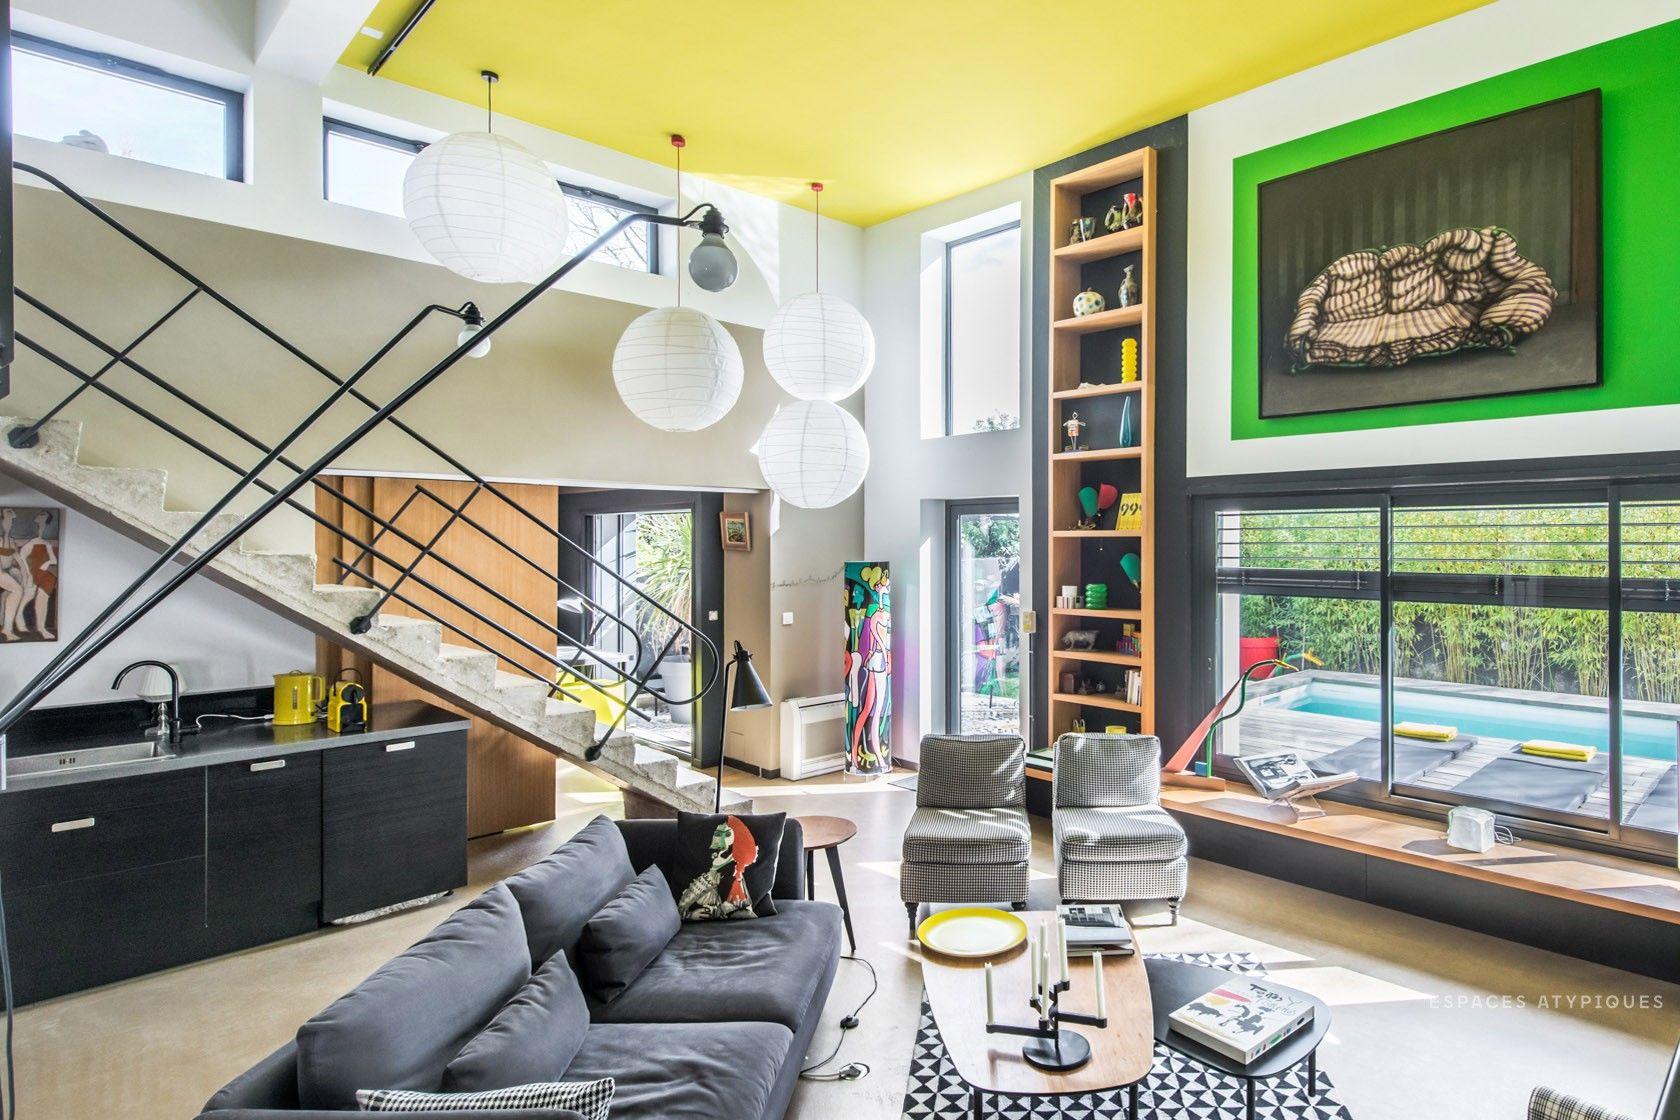 Espace Atypique Aix En Provence villa d'inspiration gerrit rietveld - marseille | maison